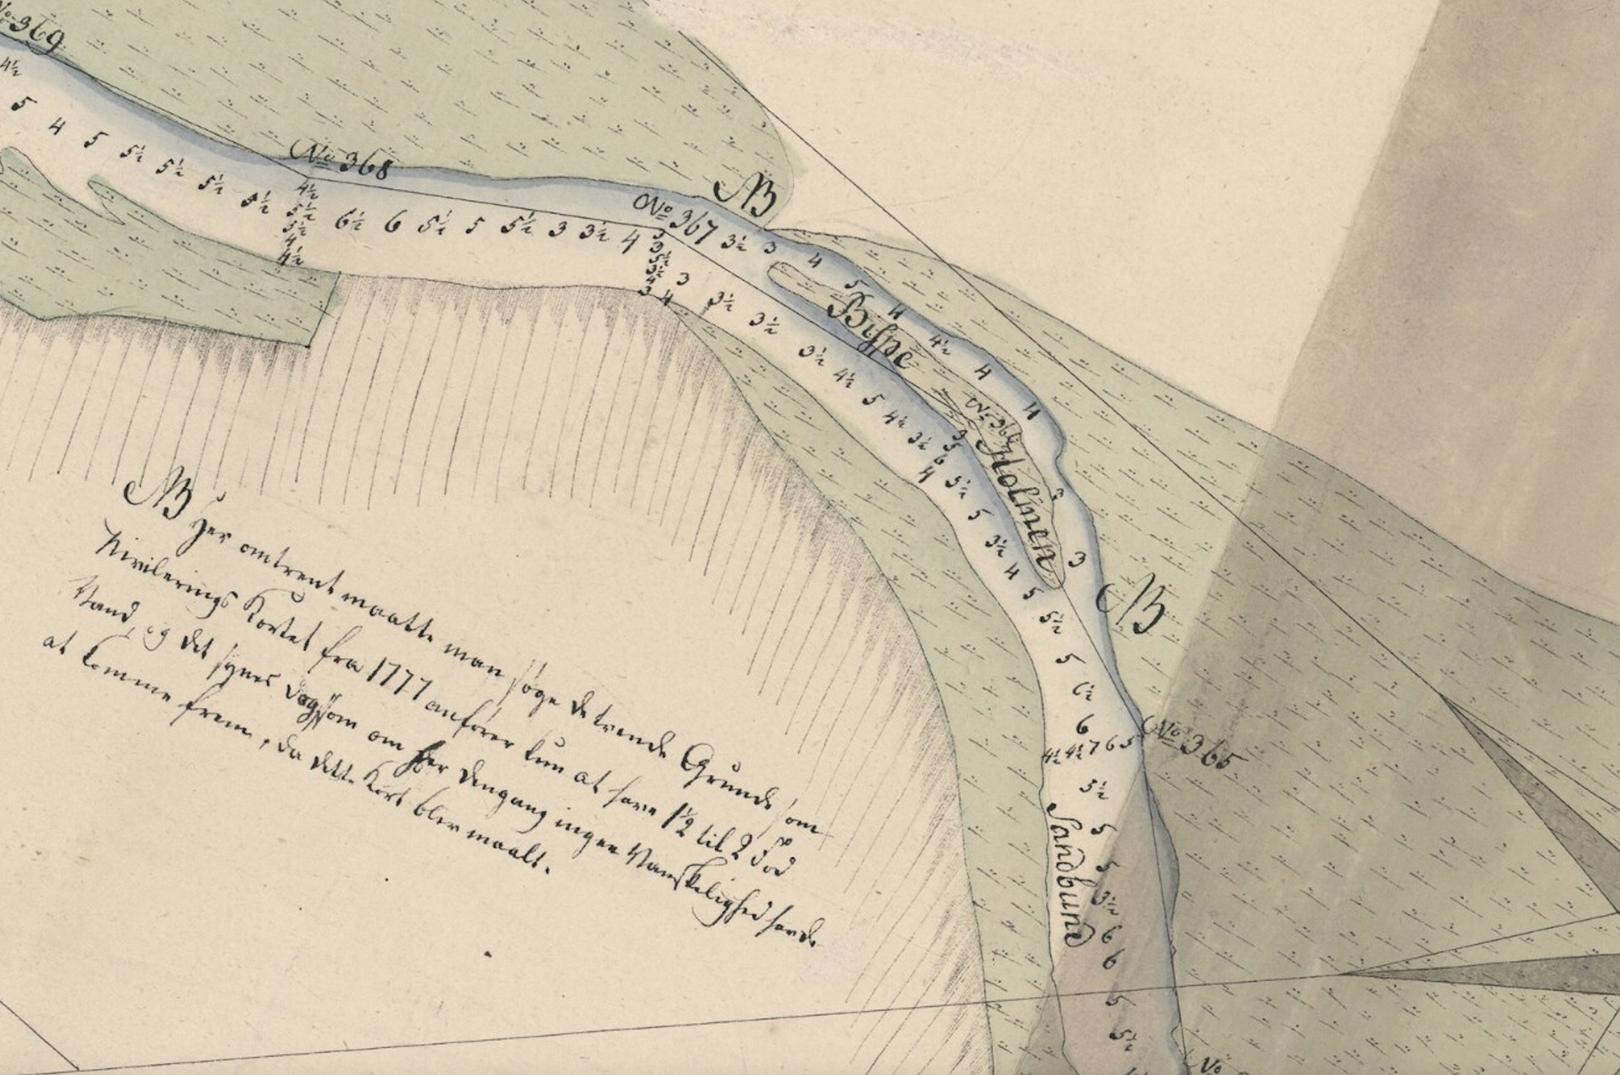 I 17-1800 tallet var Gudenåen en vigtig færselsåre ind til det jyske søhøjland. Af samme årsag blev åen grundigt kortlakgt allerede i slutningen af 1700-tallet.